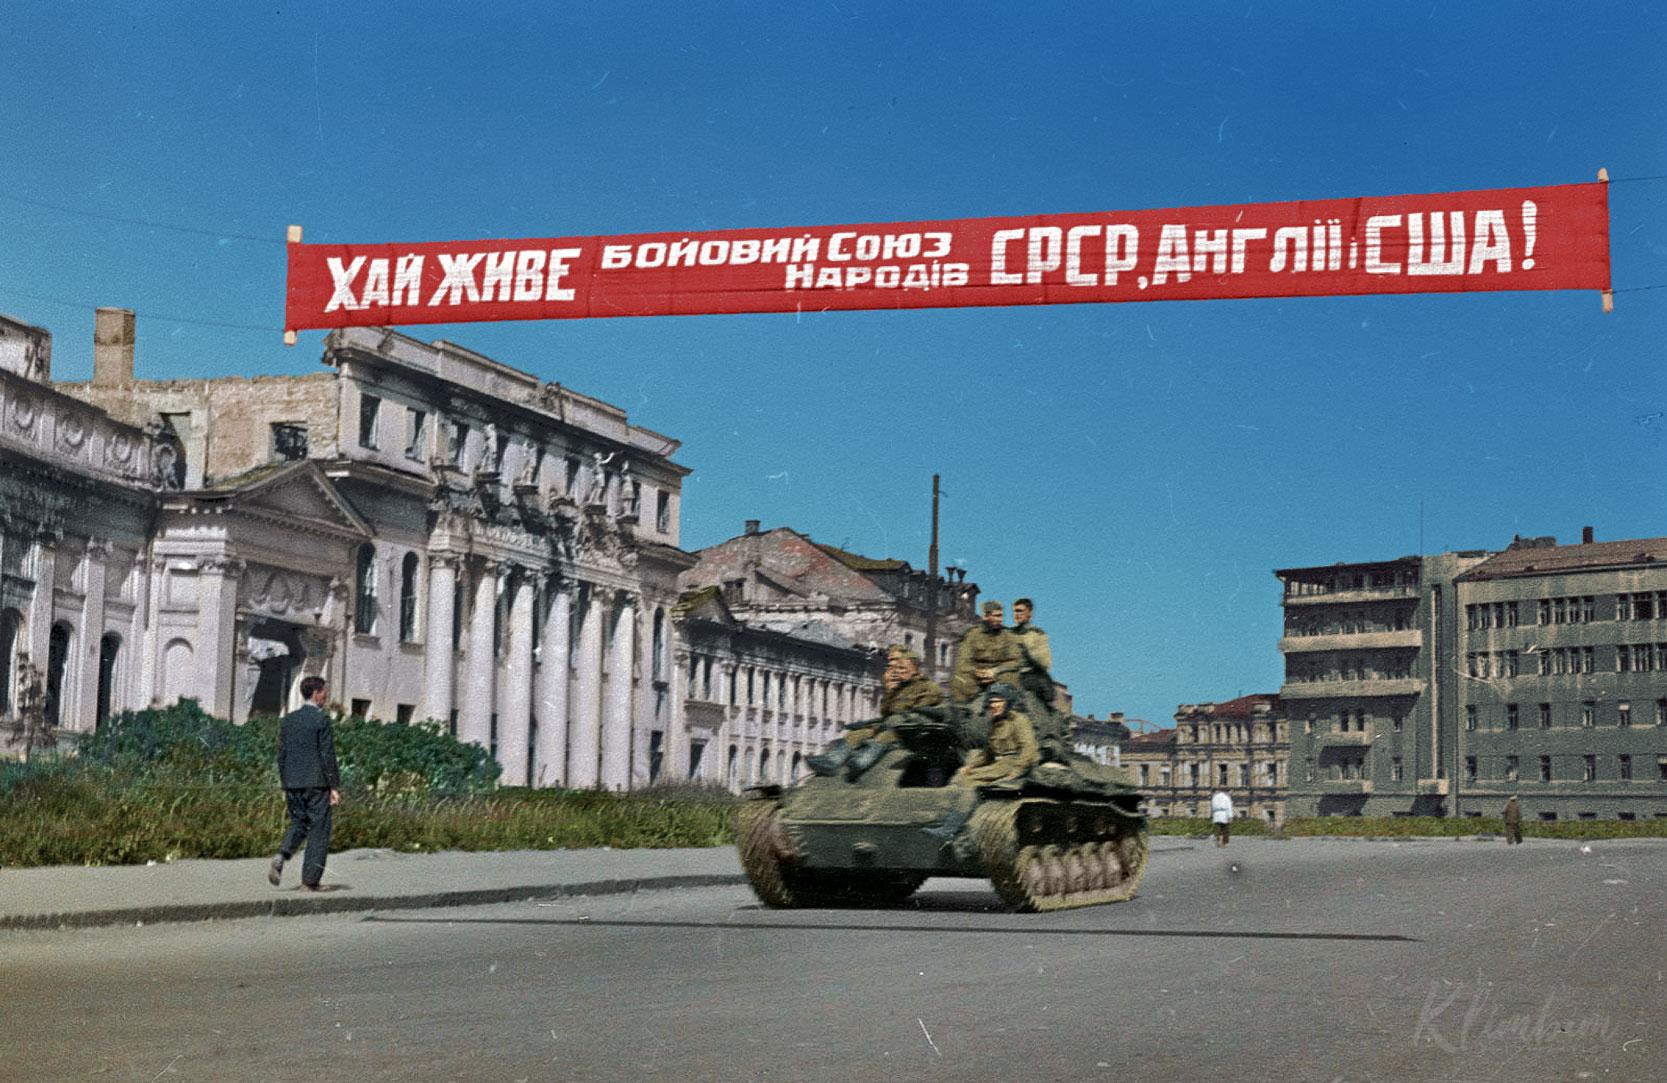 Харьков. Площадь Тевелева. 1943